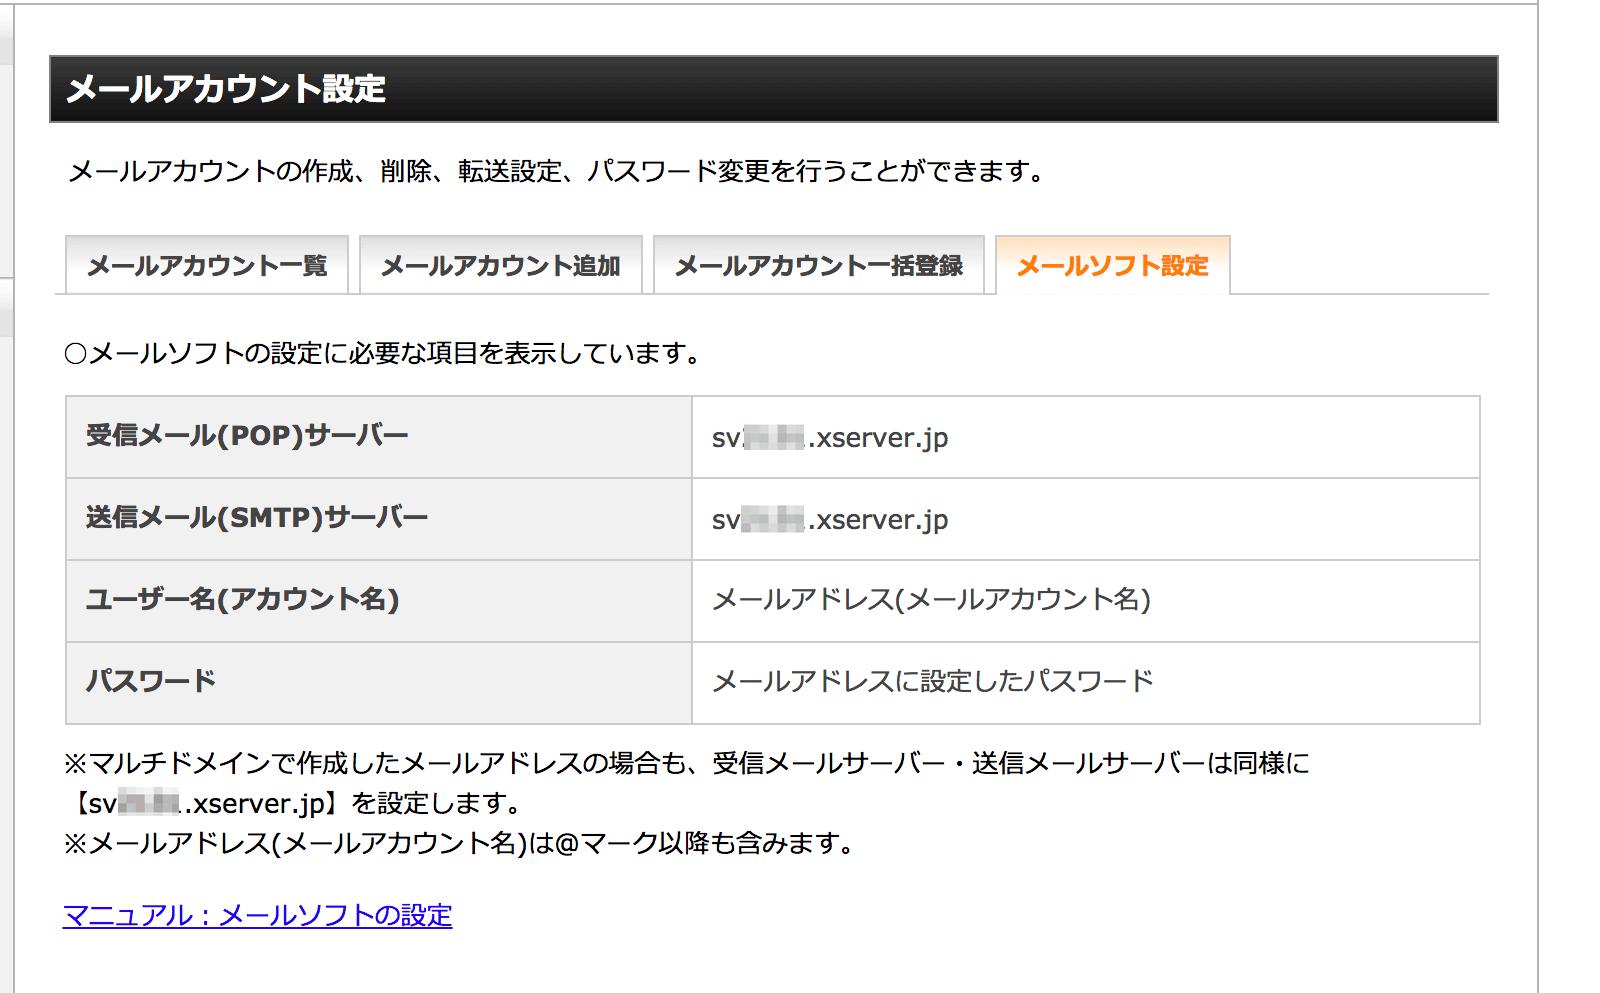 メールソフトの設定に必要な情報の確認